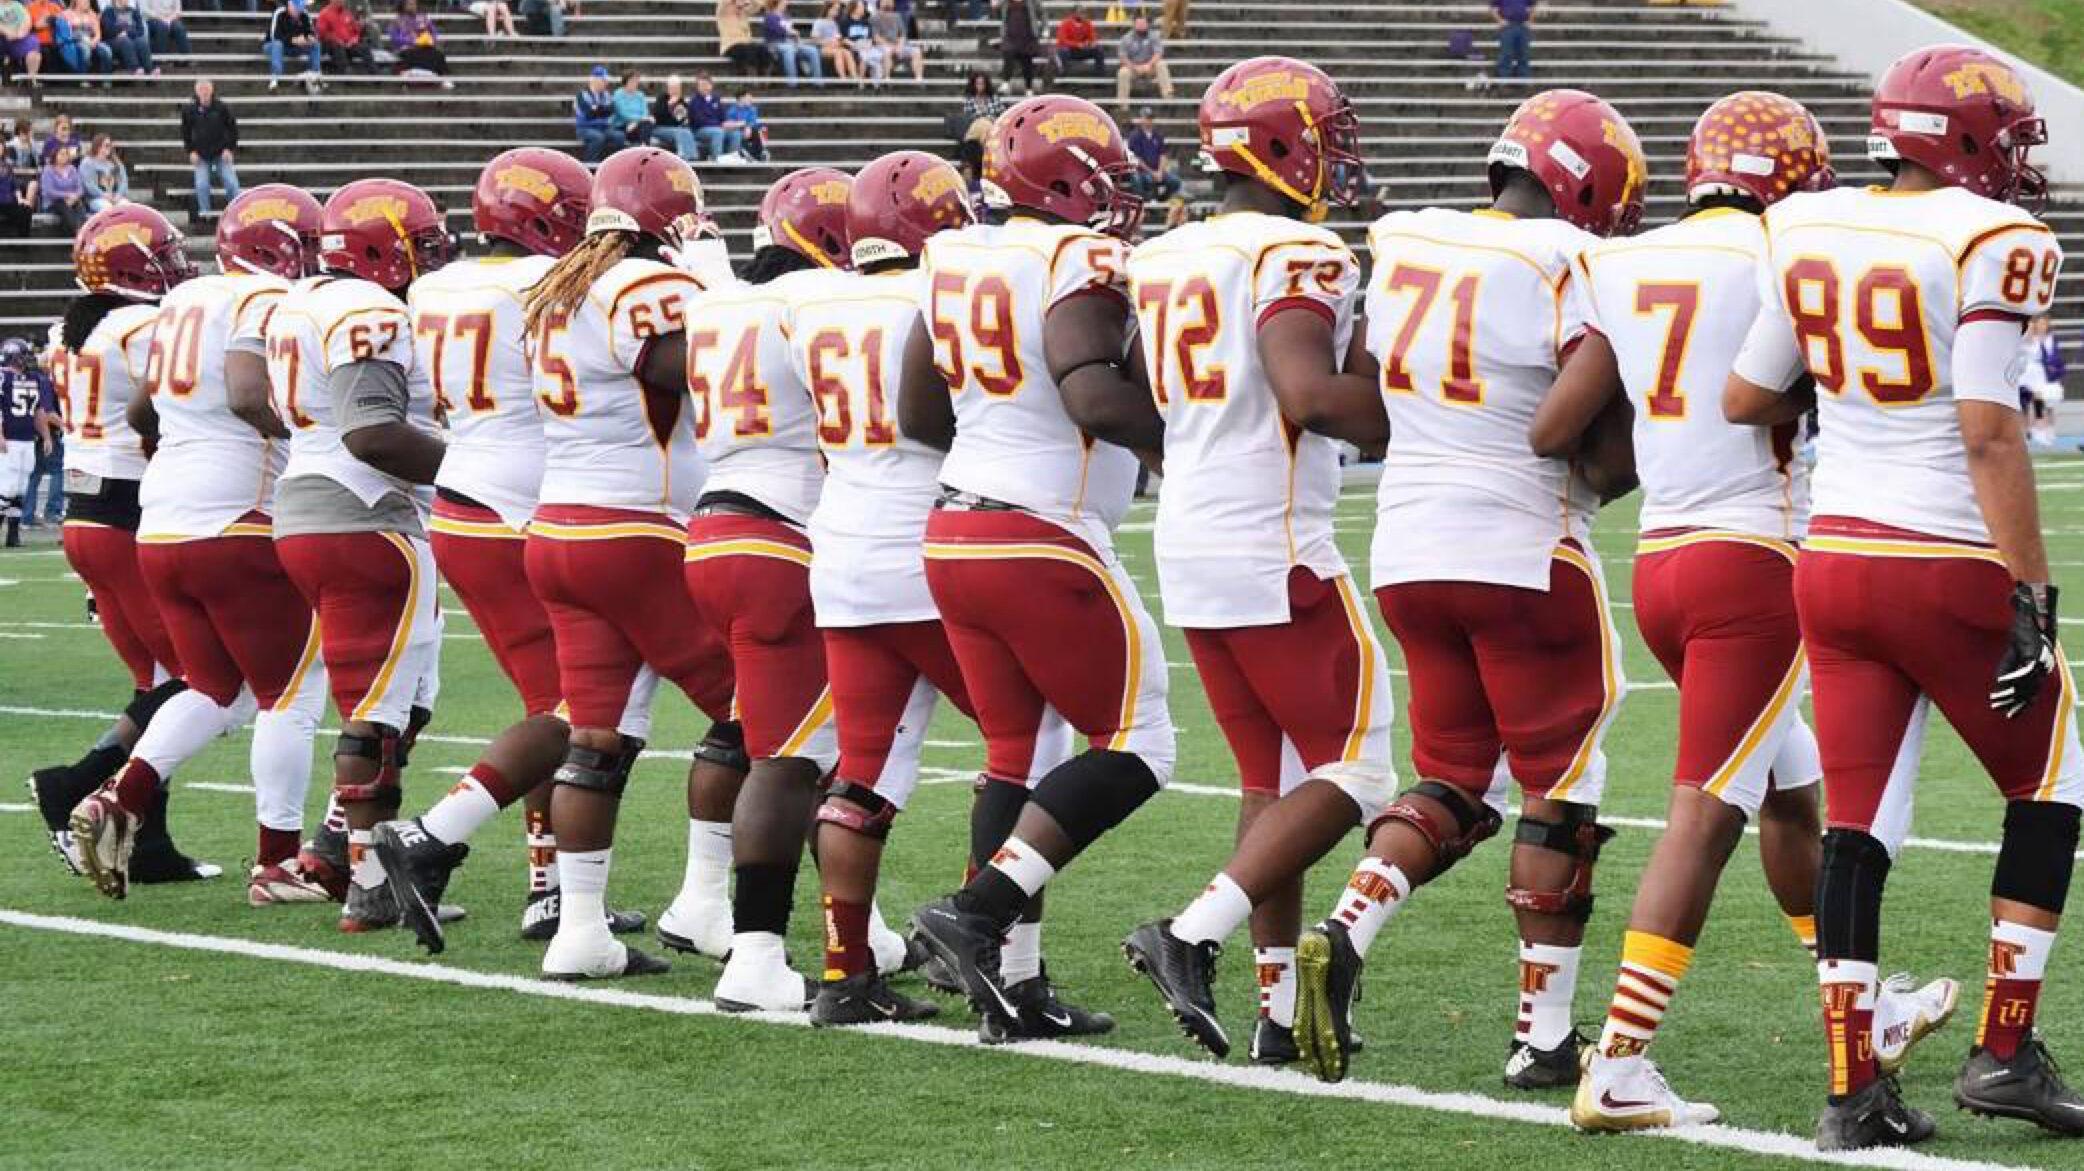 Tuskegee Football Team